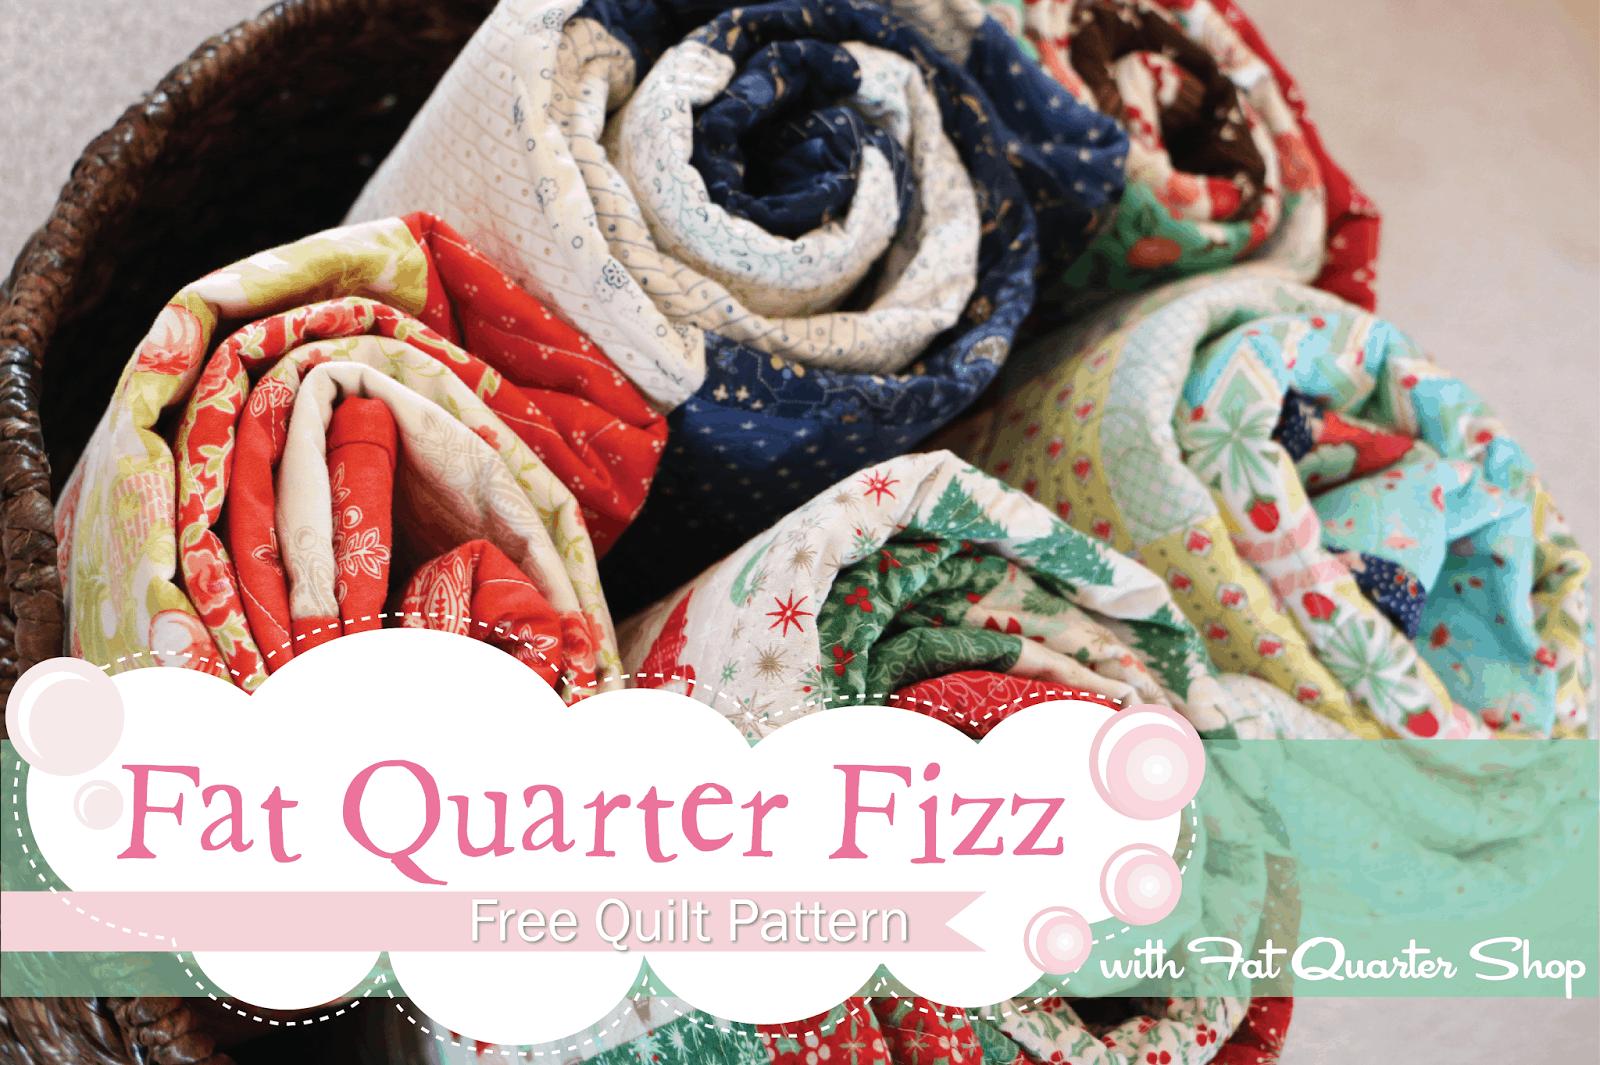 Fat Quarter Fizz Free Quilt Pattern With Fat Quarter Shop The